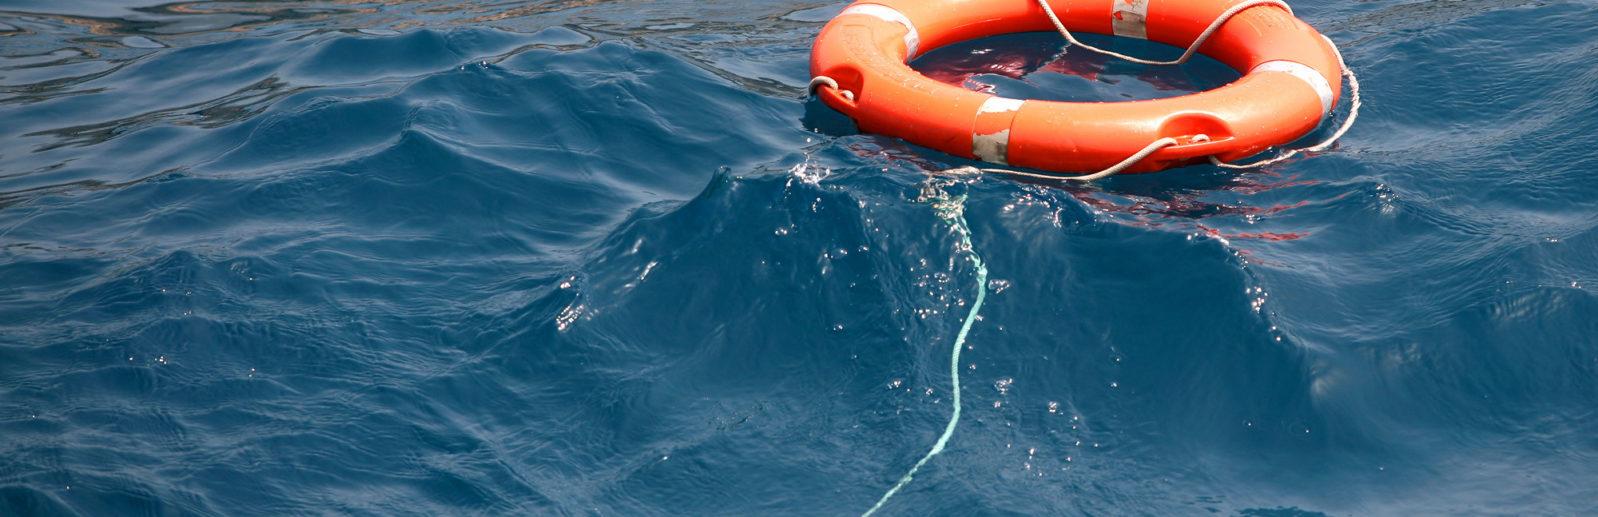 Спасательный круг на море в Крыму